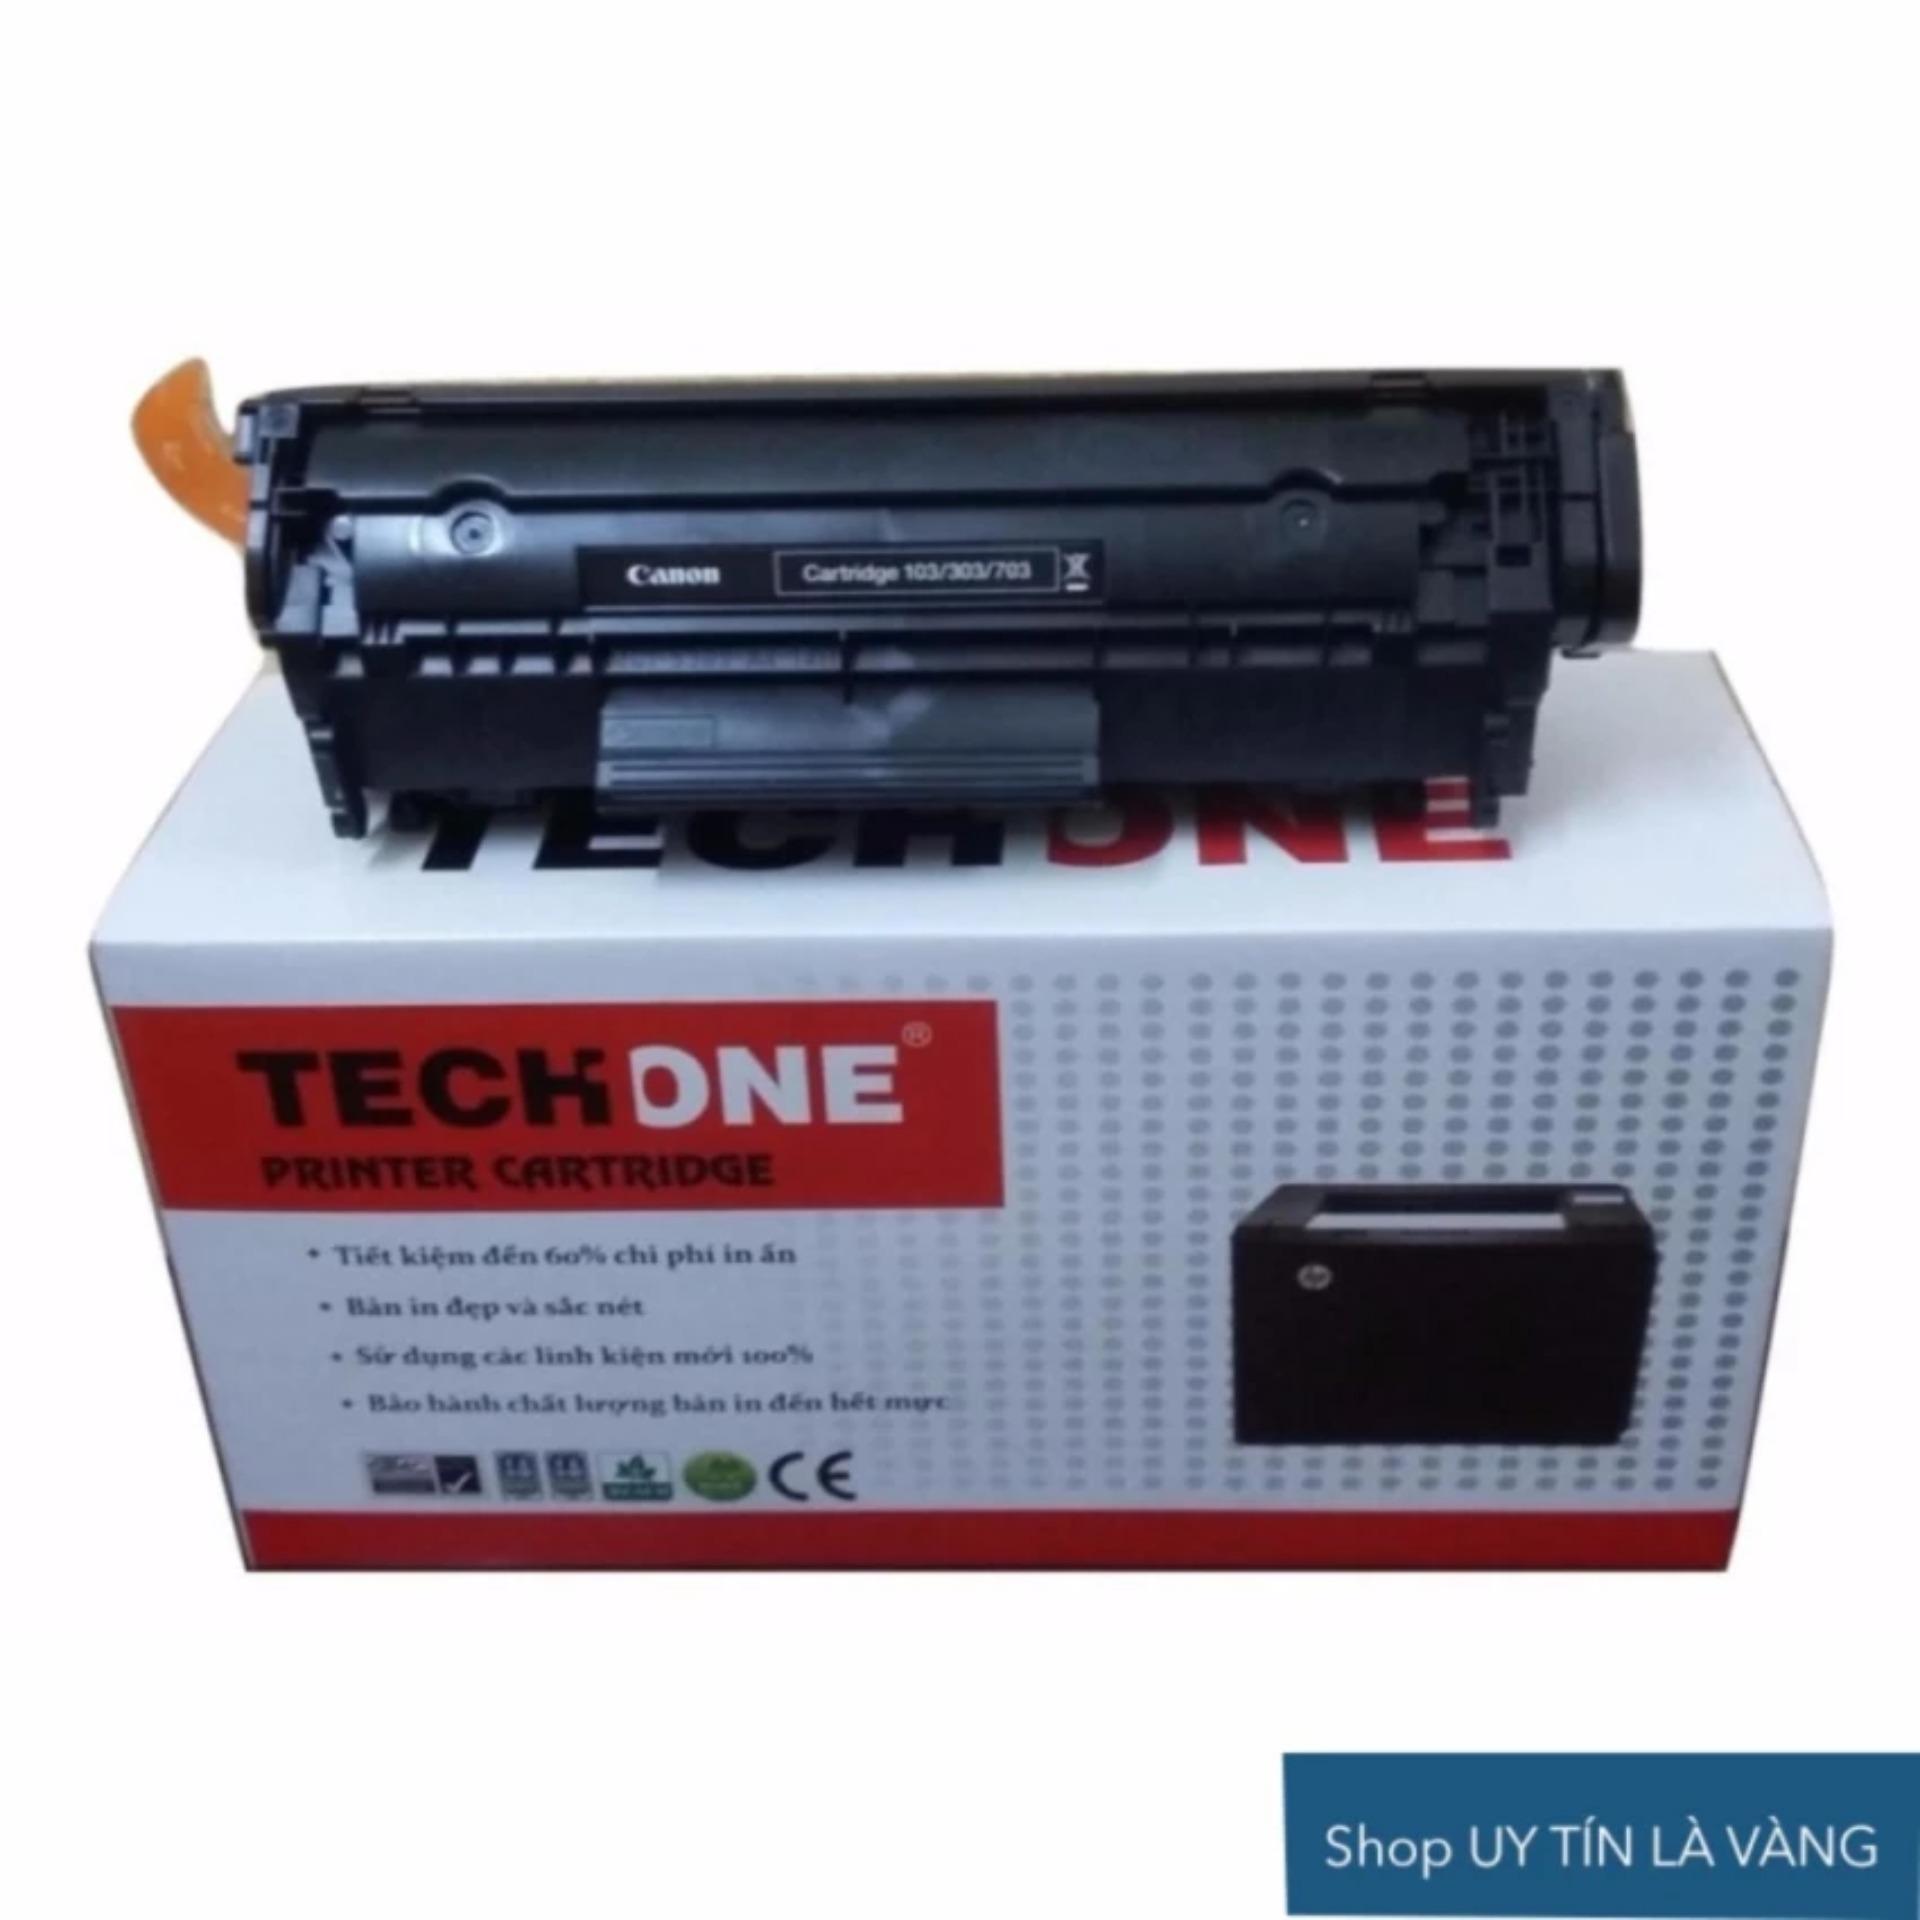 Giá Hộp mực dùng cho HP LaserJet 1010 - 1020  (Catridge 12A-303 - Đen)